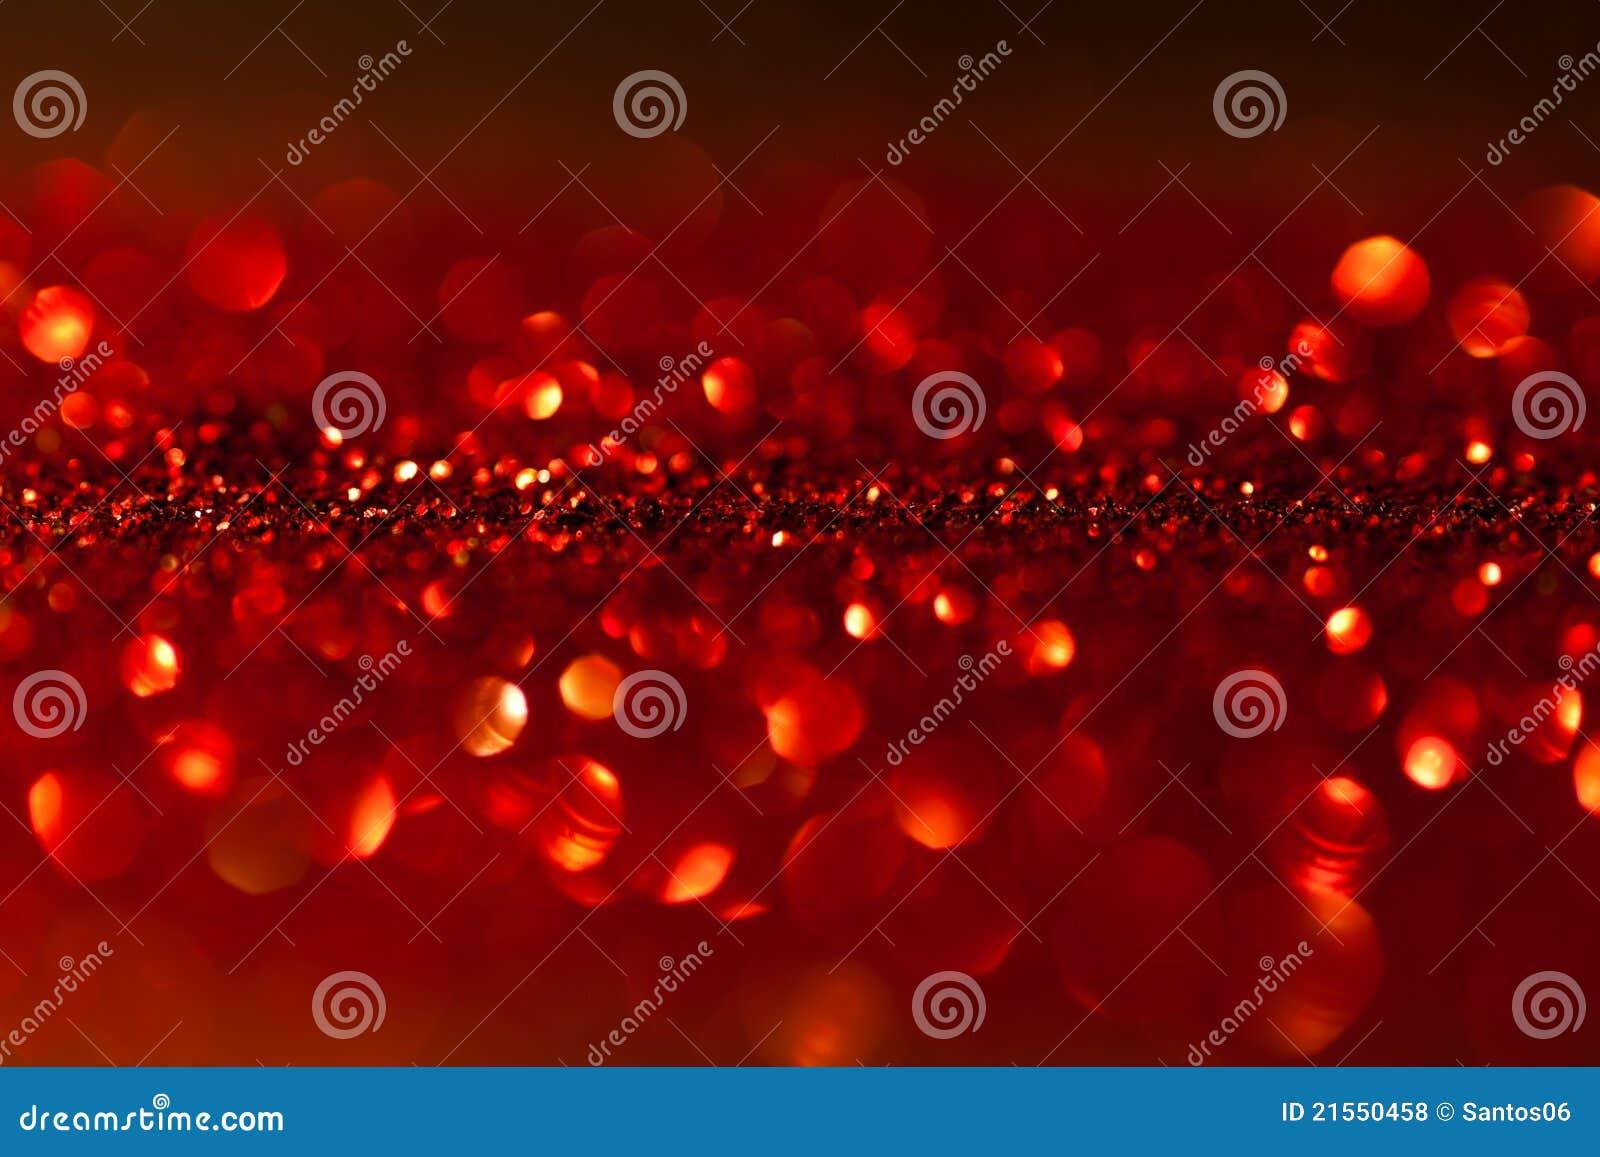 gefunkelter roter hintergrund weihnachten stockfoto. Black Bedroom Furniture Sets. Home Design Ideas